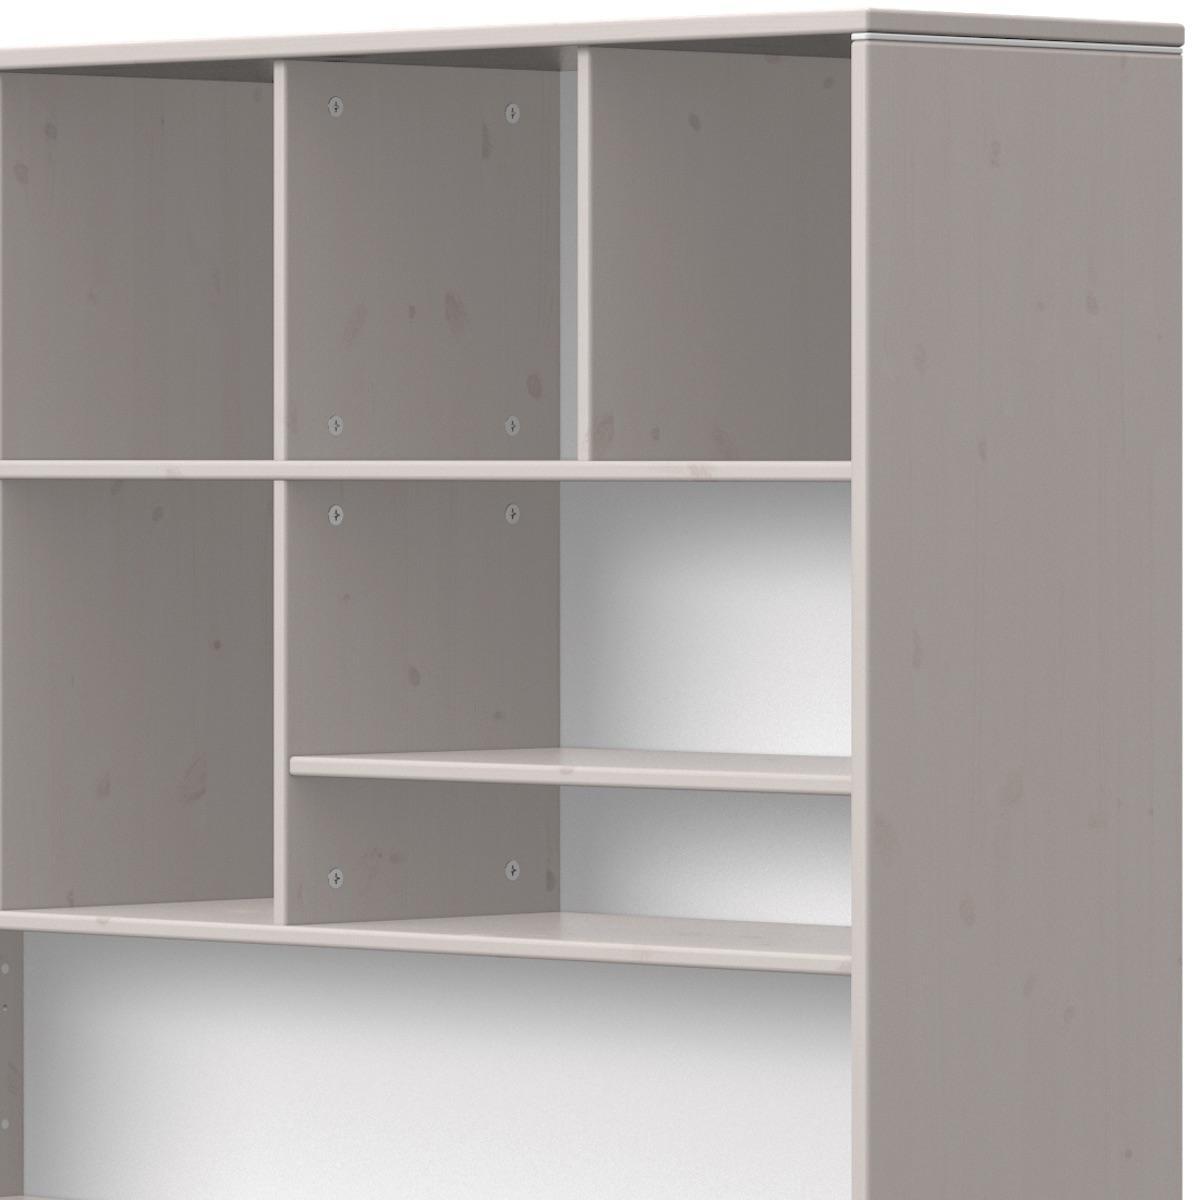 Estantería escritorio-cama 126x203cm CLASSIC Flexa grey washed-blanco